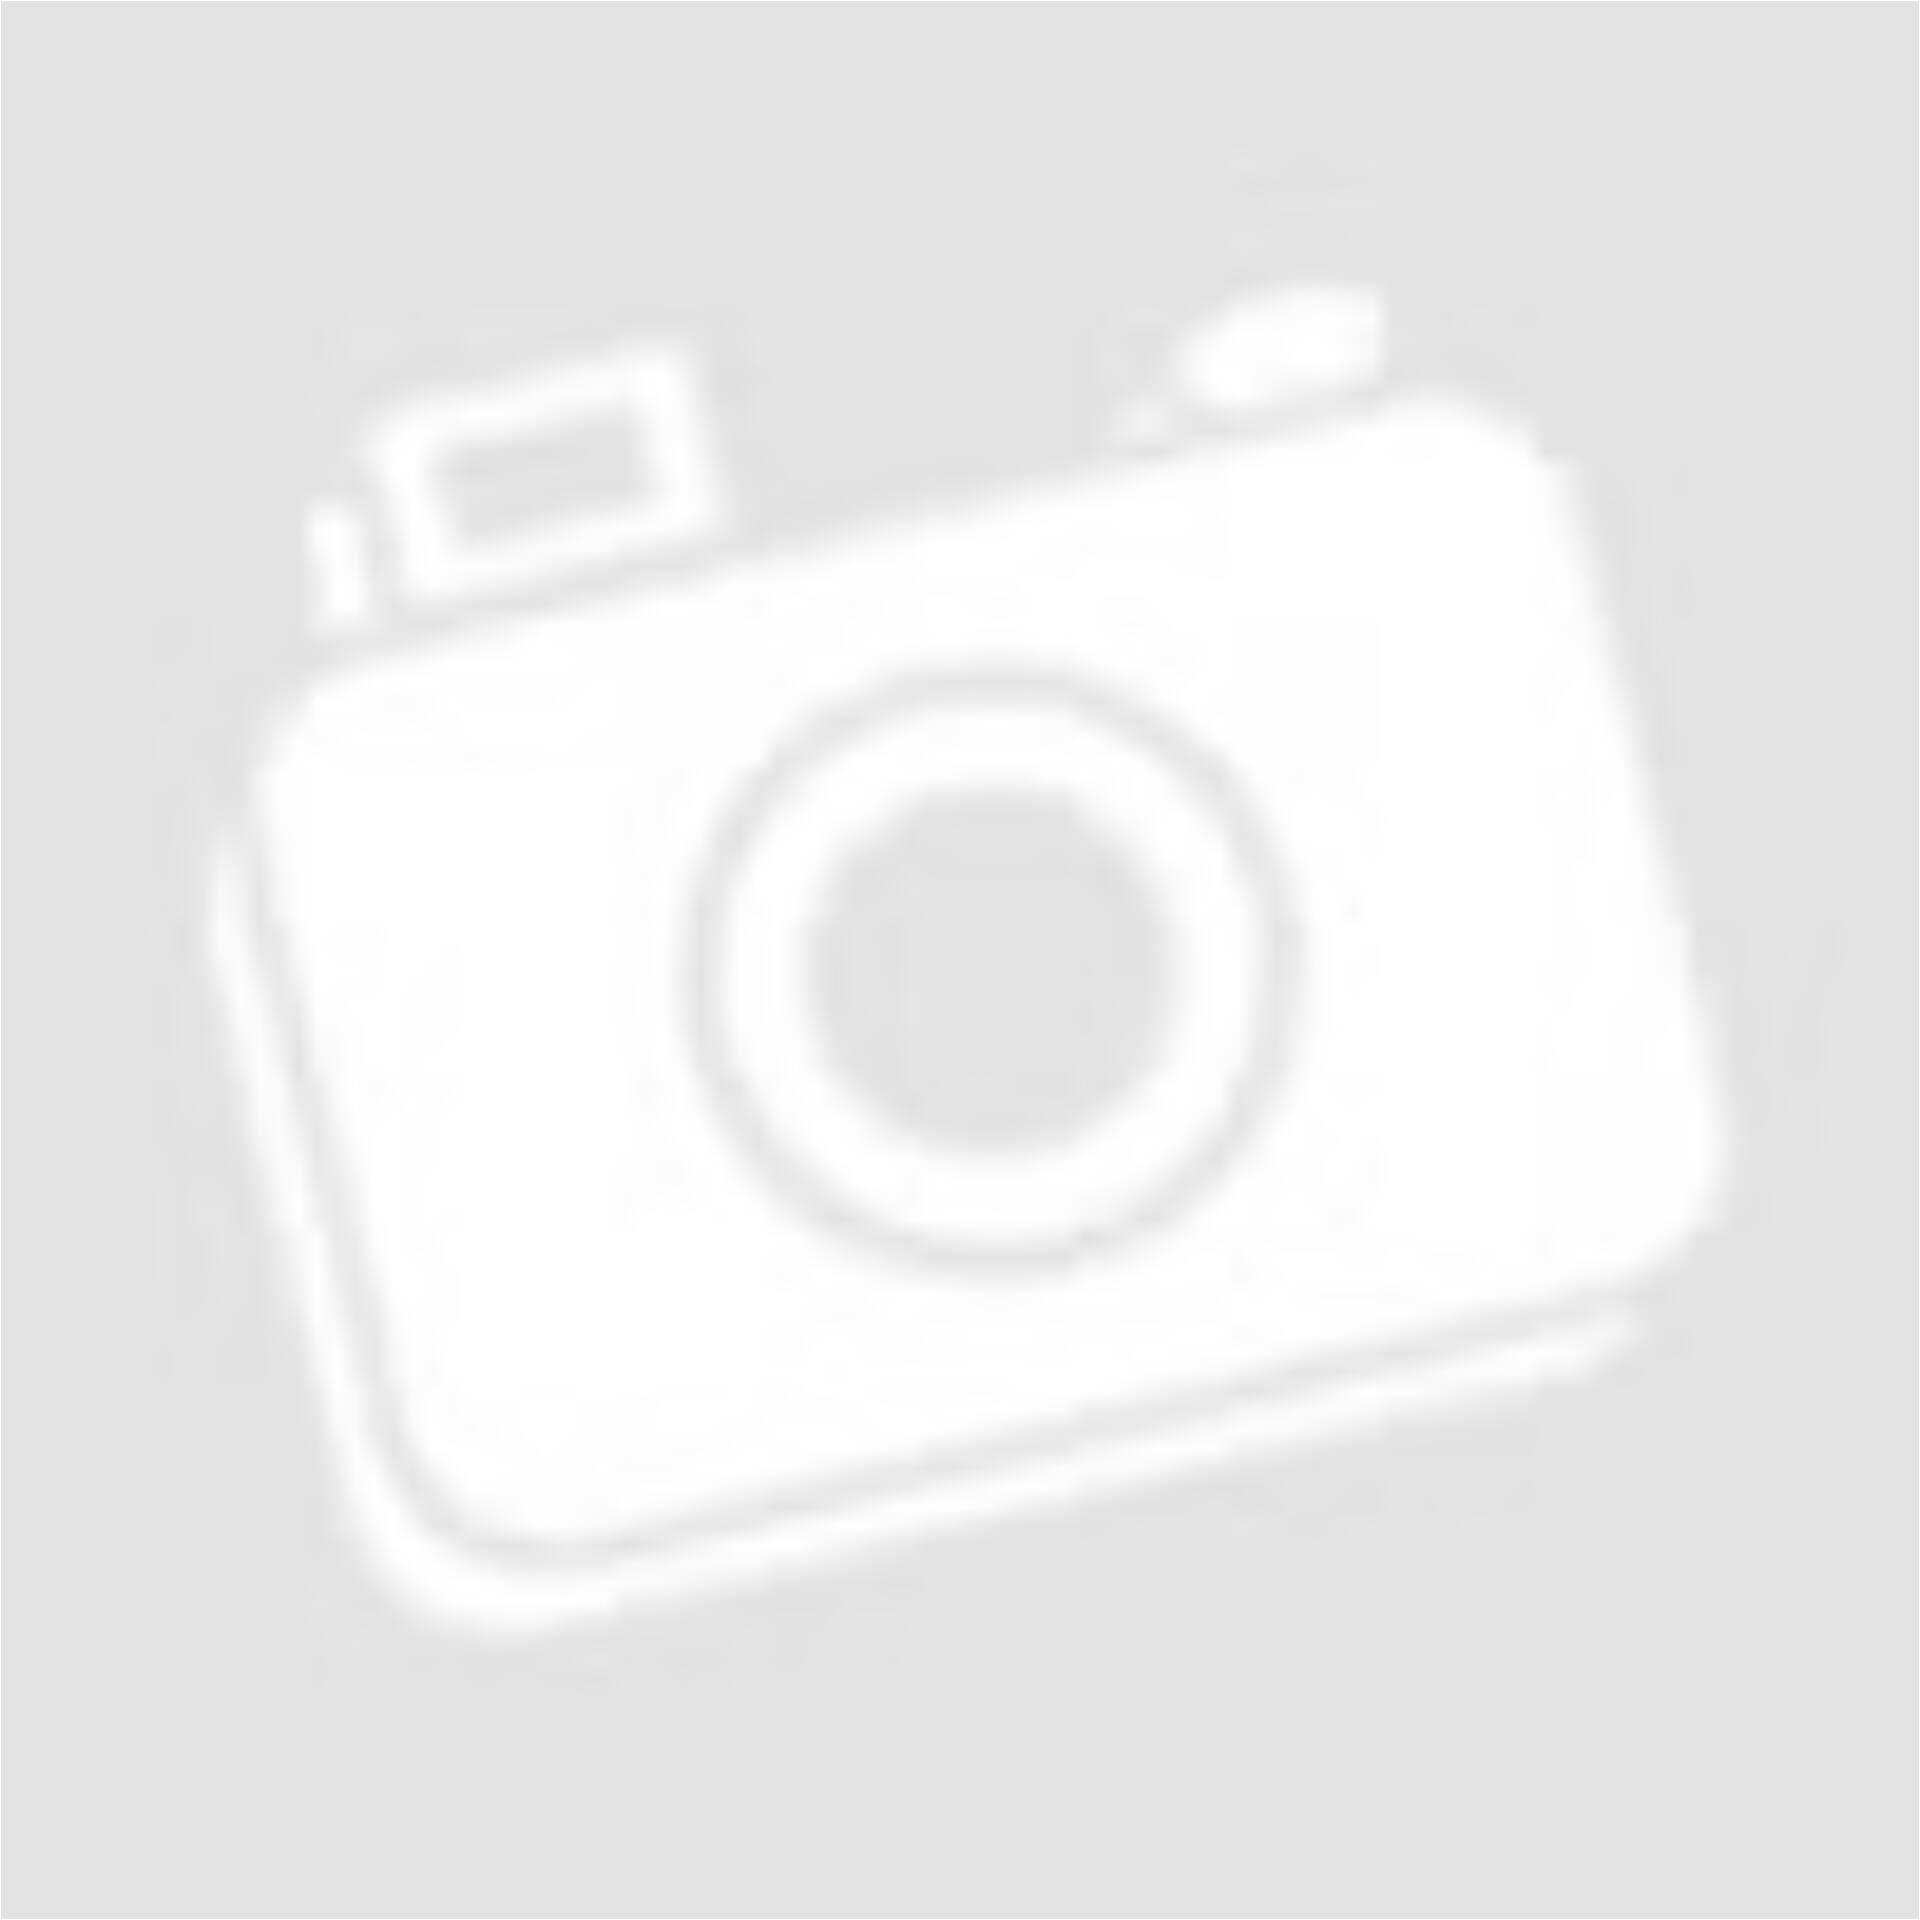 d86e55d473 Elegáns Ms Mode blézer (Méret: L) - Női dzseki, kabát, blézer ...